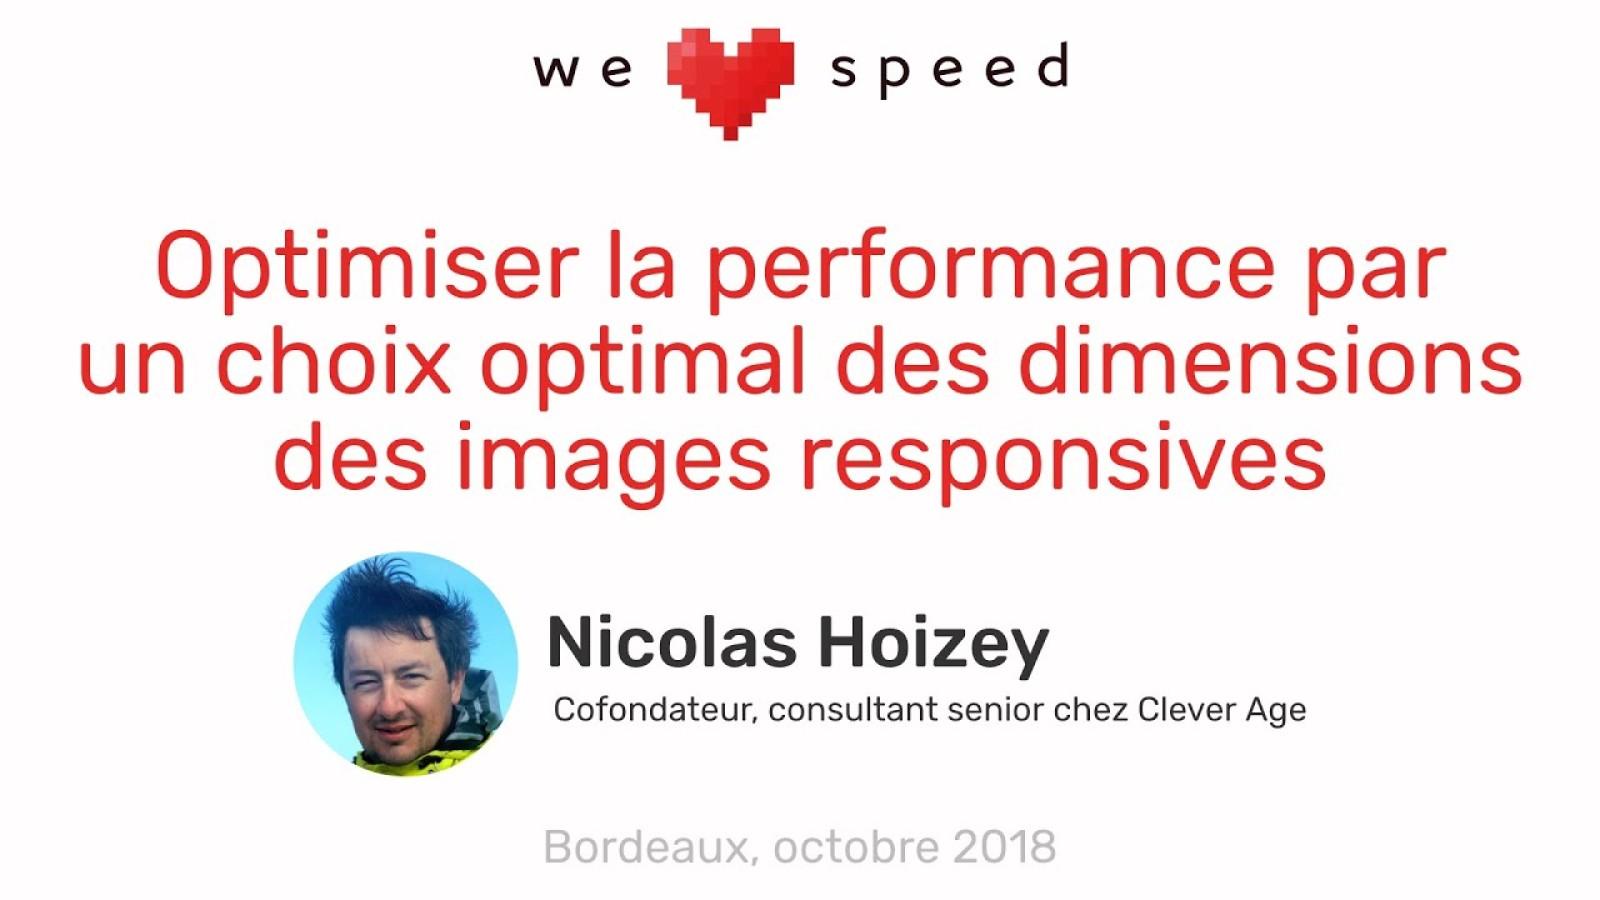 Optimiser la performance par un choix optimal des dimensions des images responsives